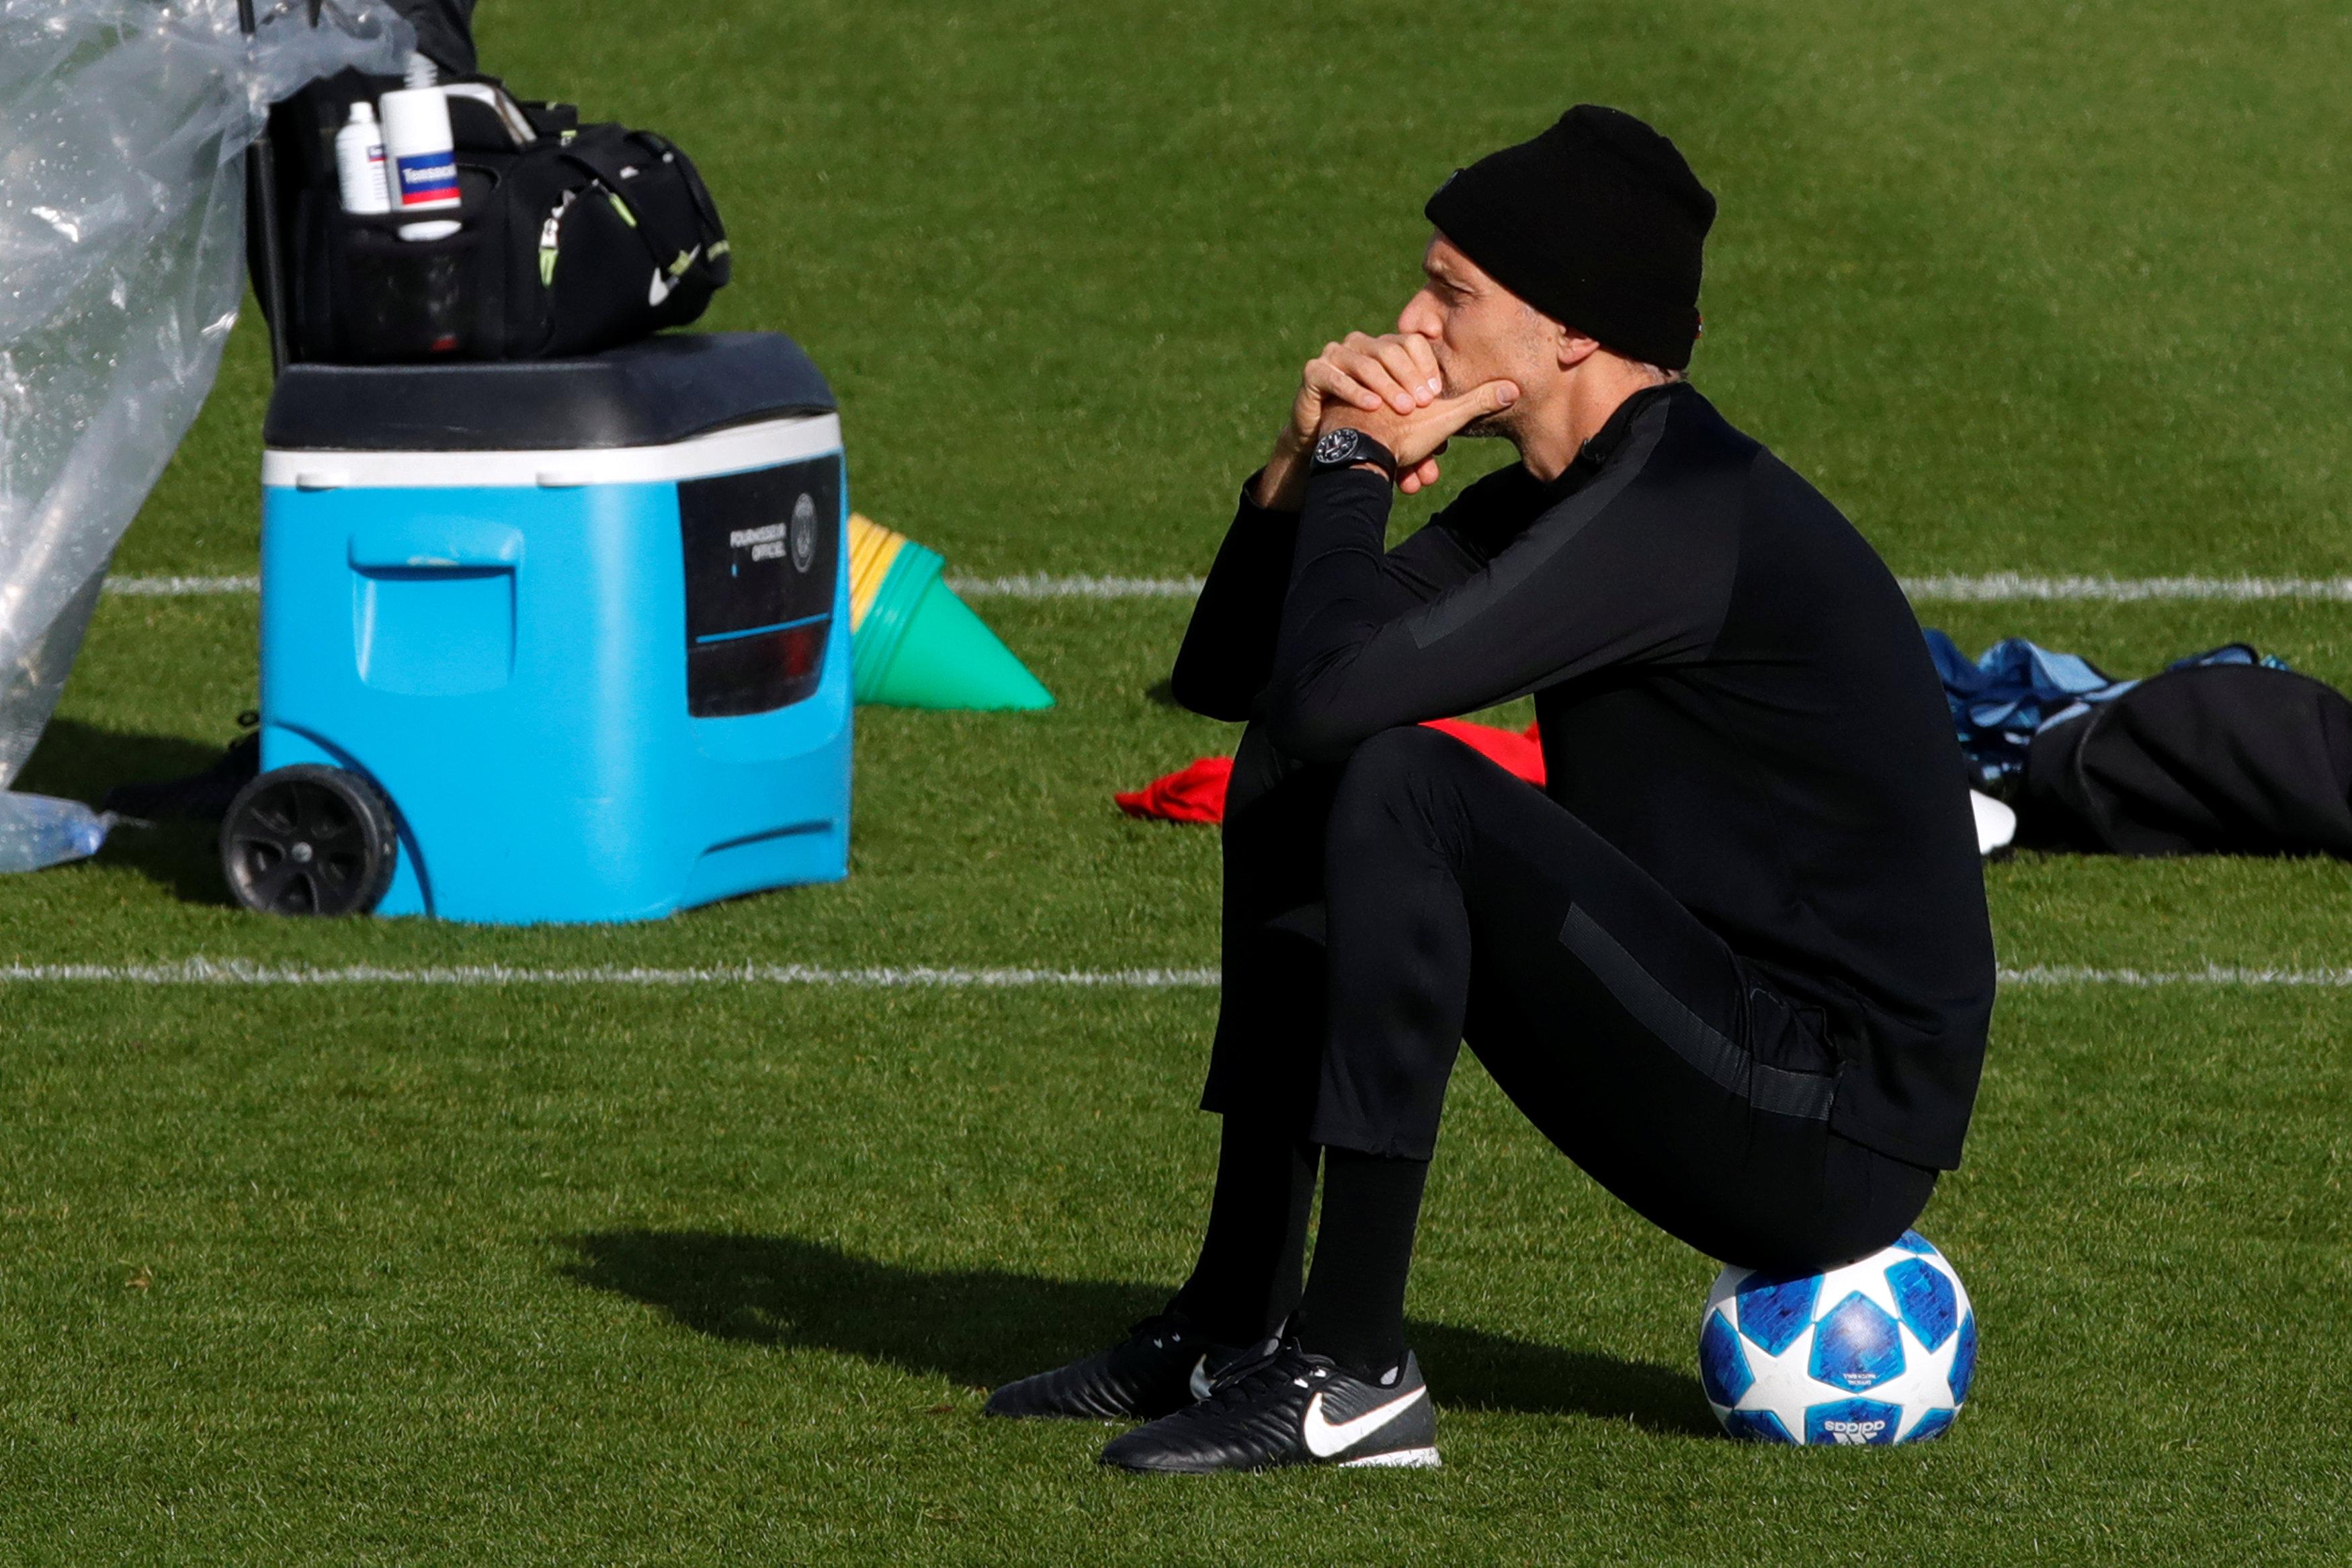 Football - Ligue des champions - Verratti contrôlé en état d'ébriété : «Il a fait une erreur» admet Tuchel